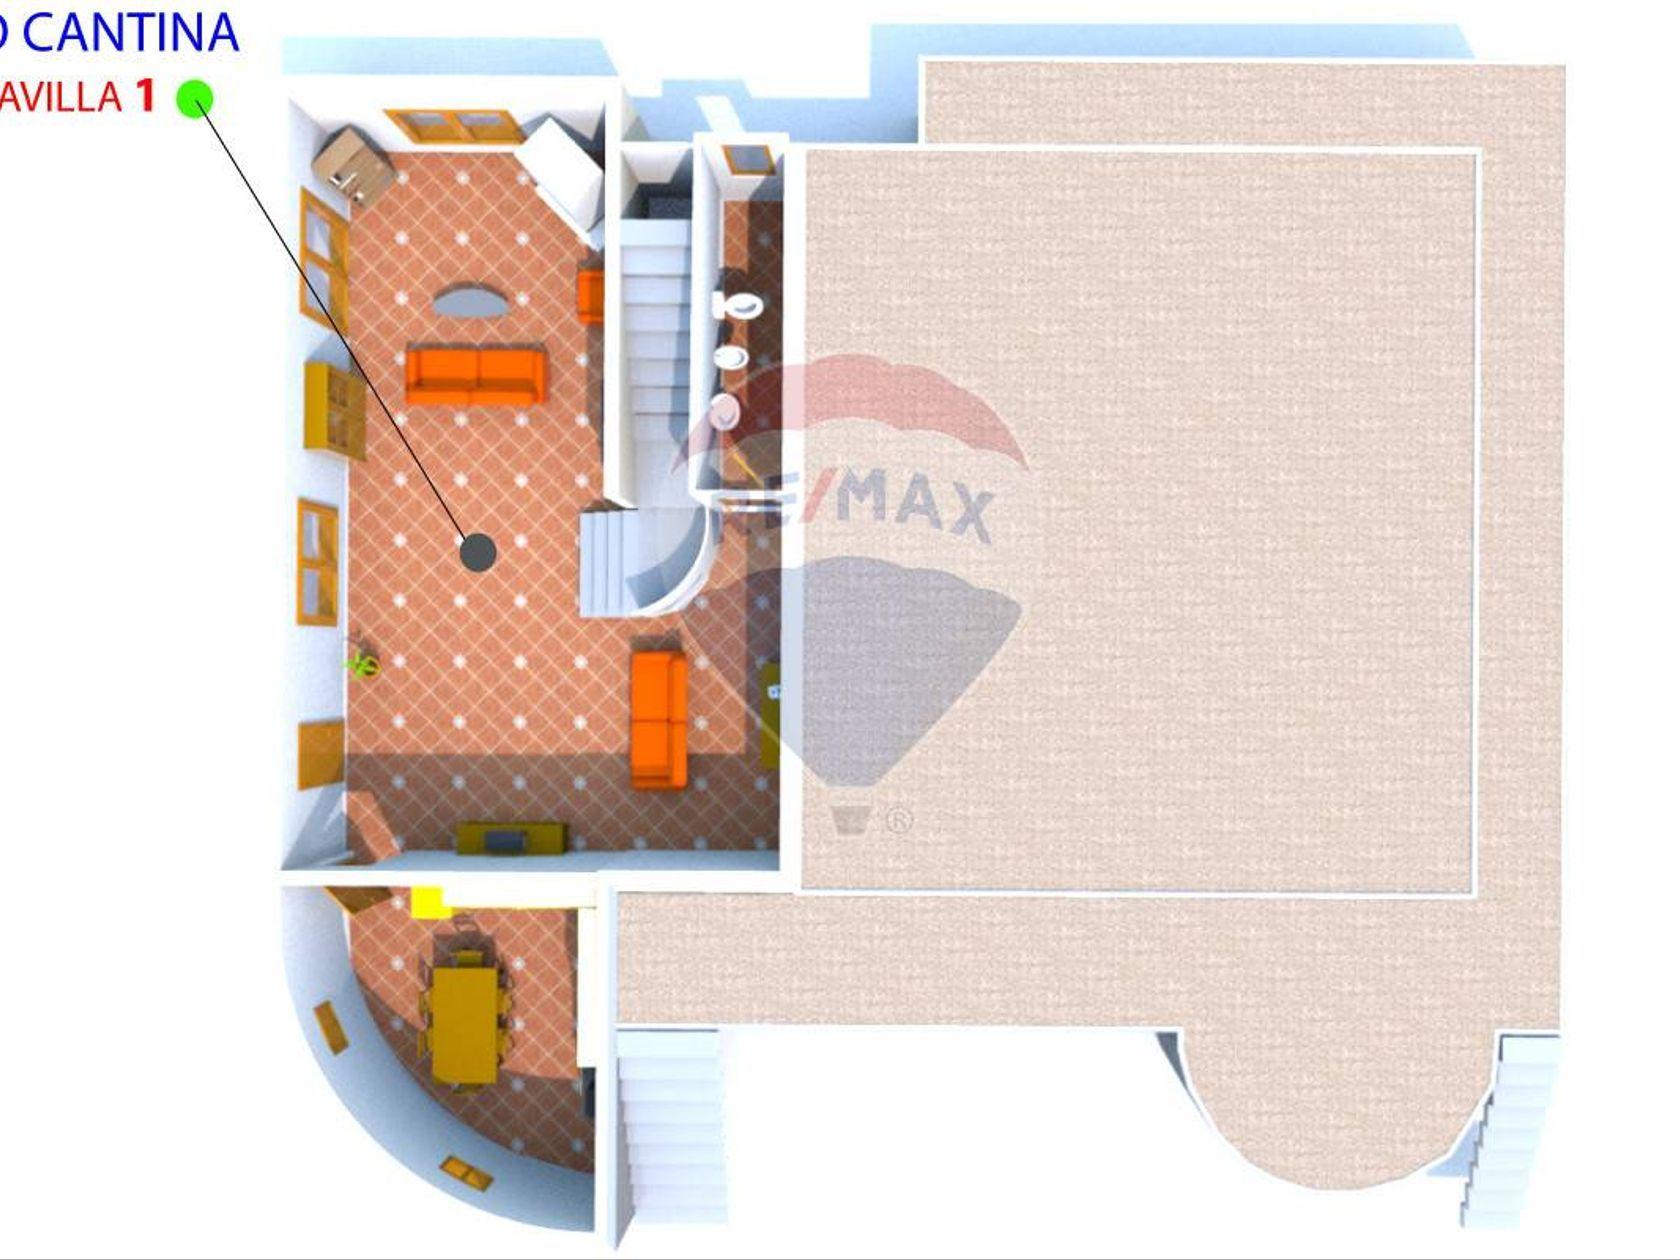 Villa singola San Gregorio di Catania, CT Vendita - Planimetria 1